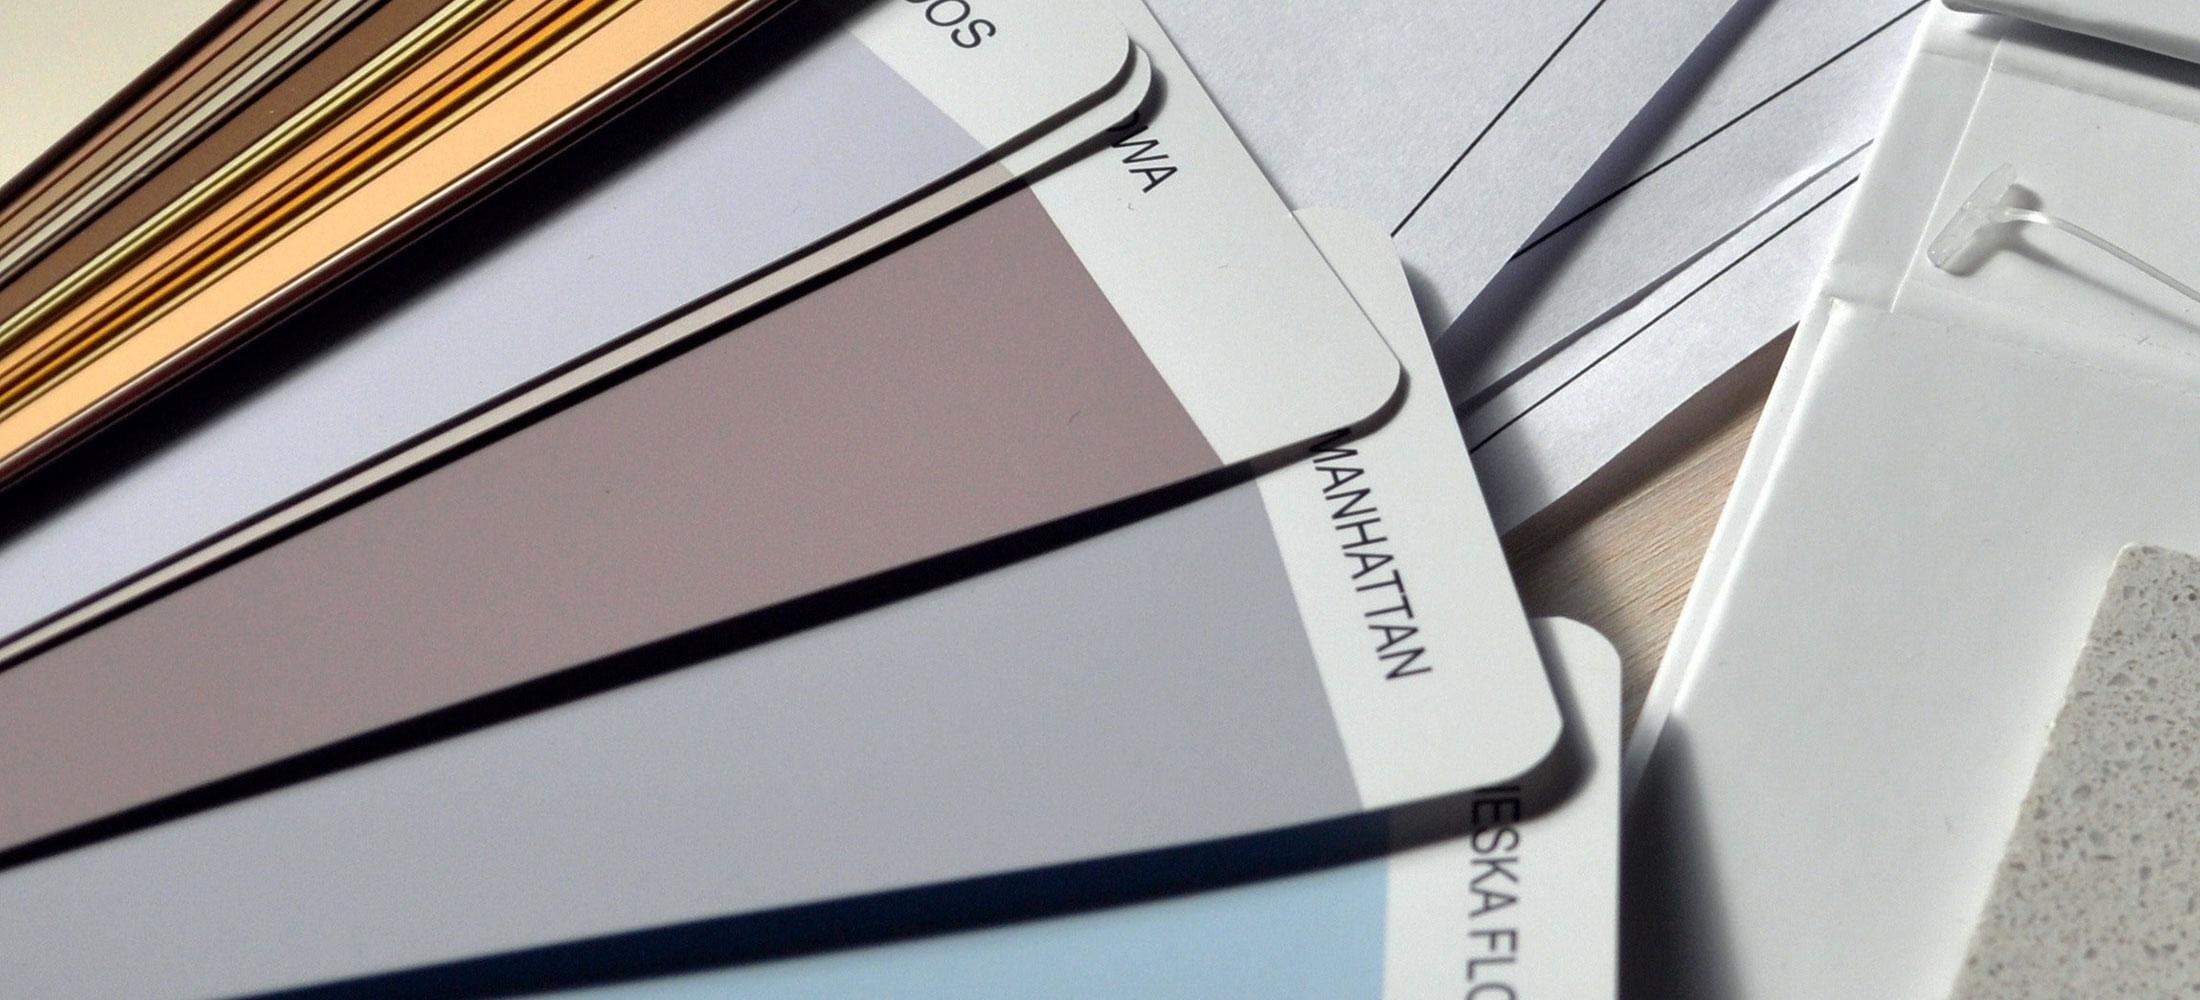 paint-deck-2200x1000